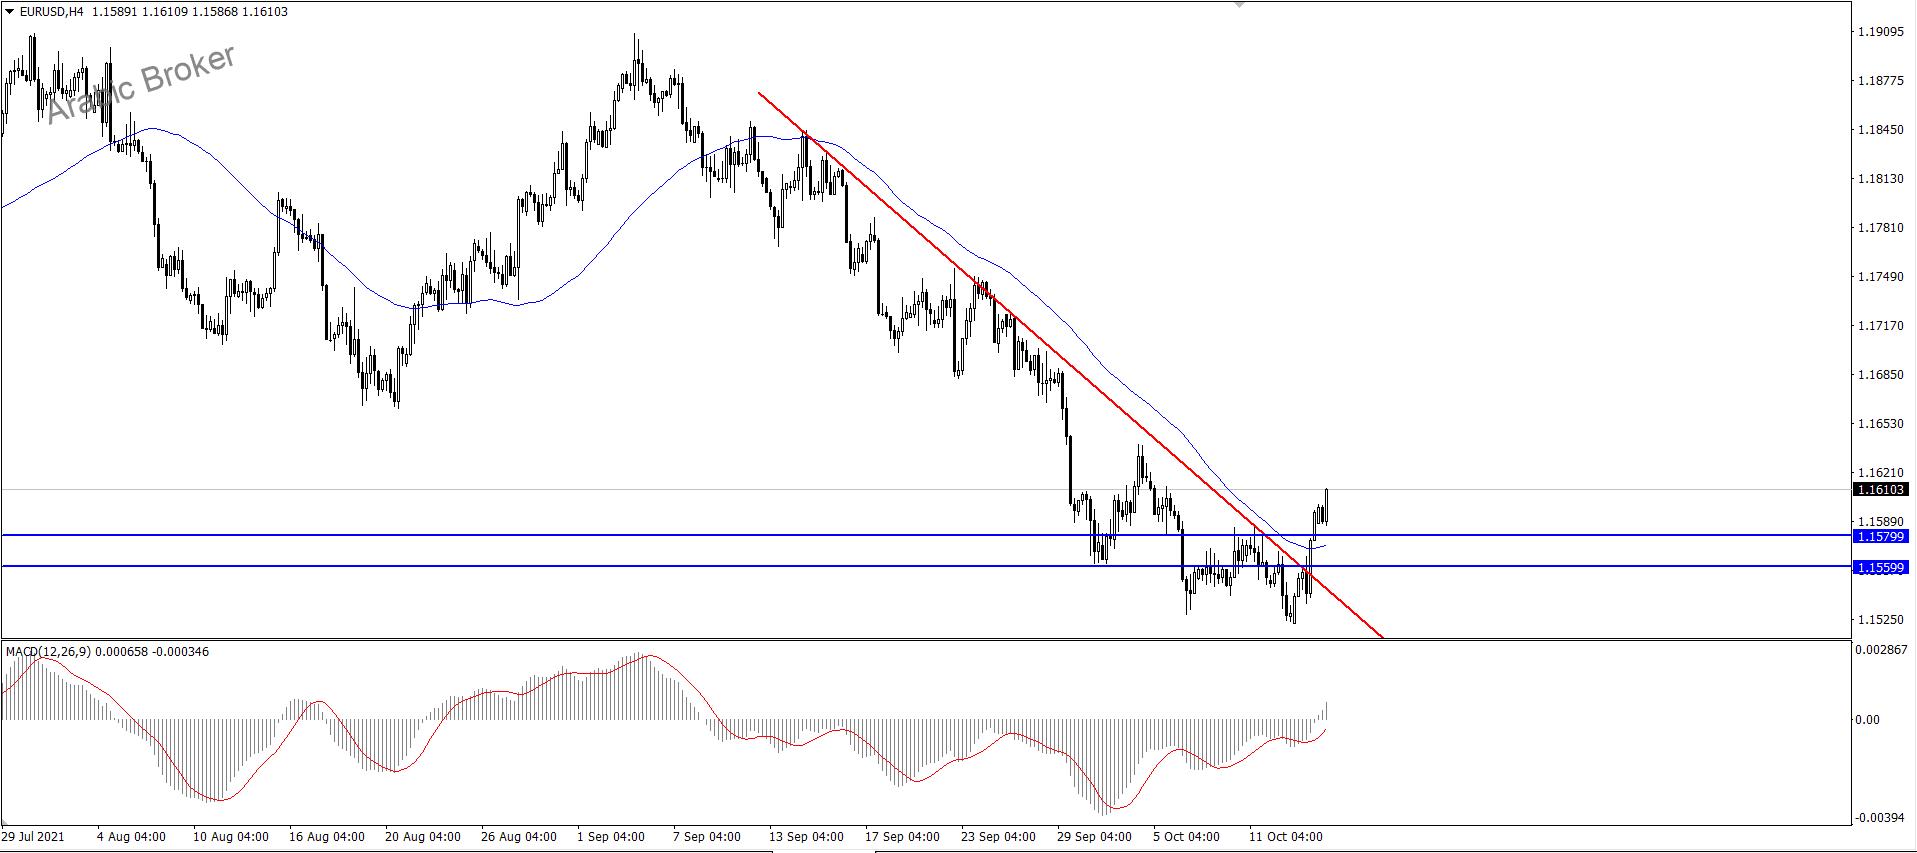 اليورو دولار وموجه الصعود